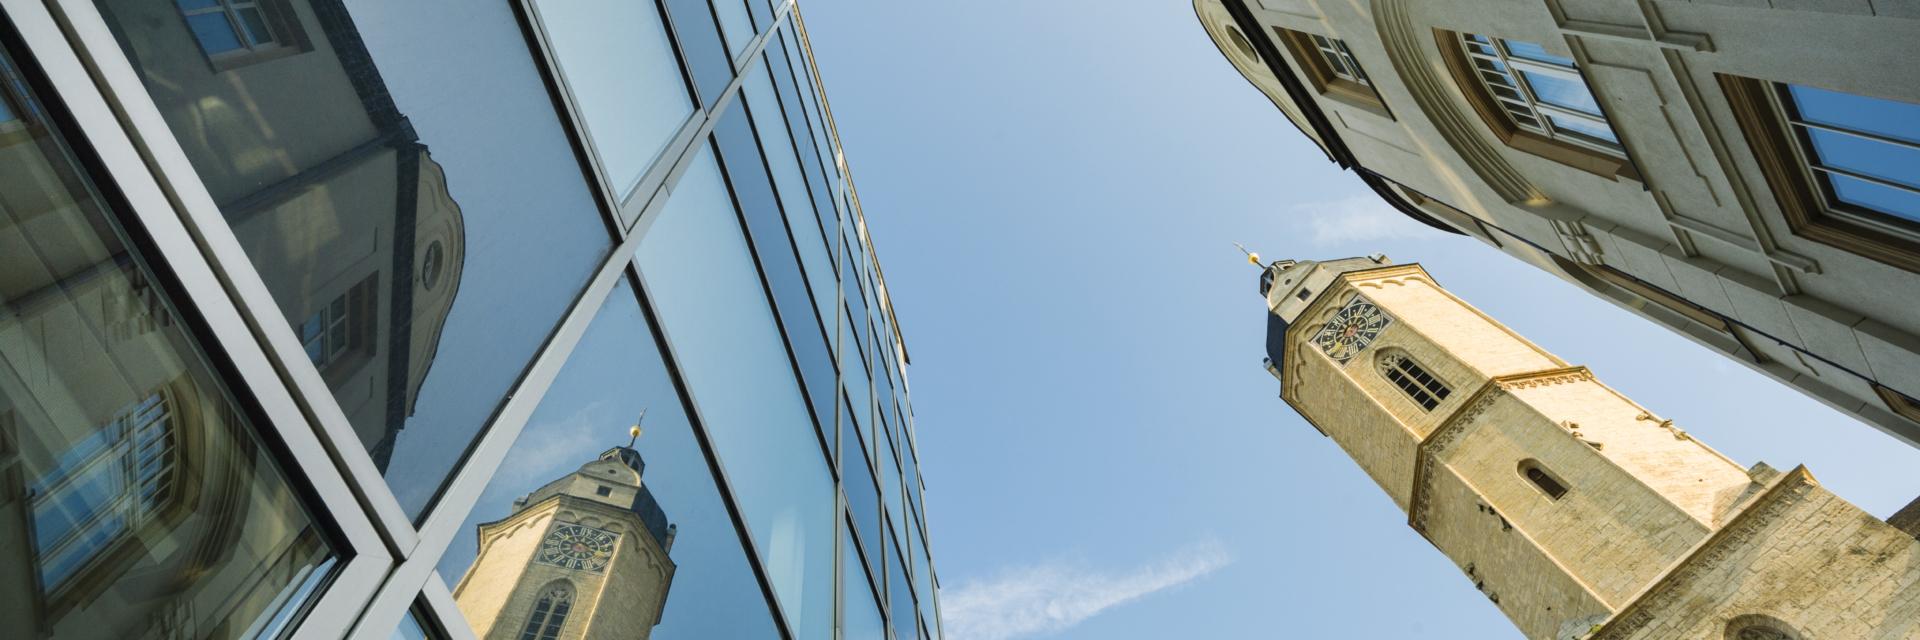 Himmelsblick auf Jenaer Gebäude und dem Turm der Stadtkirche St. Michael